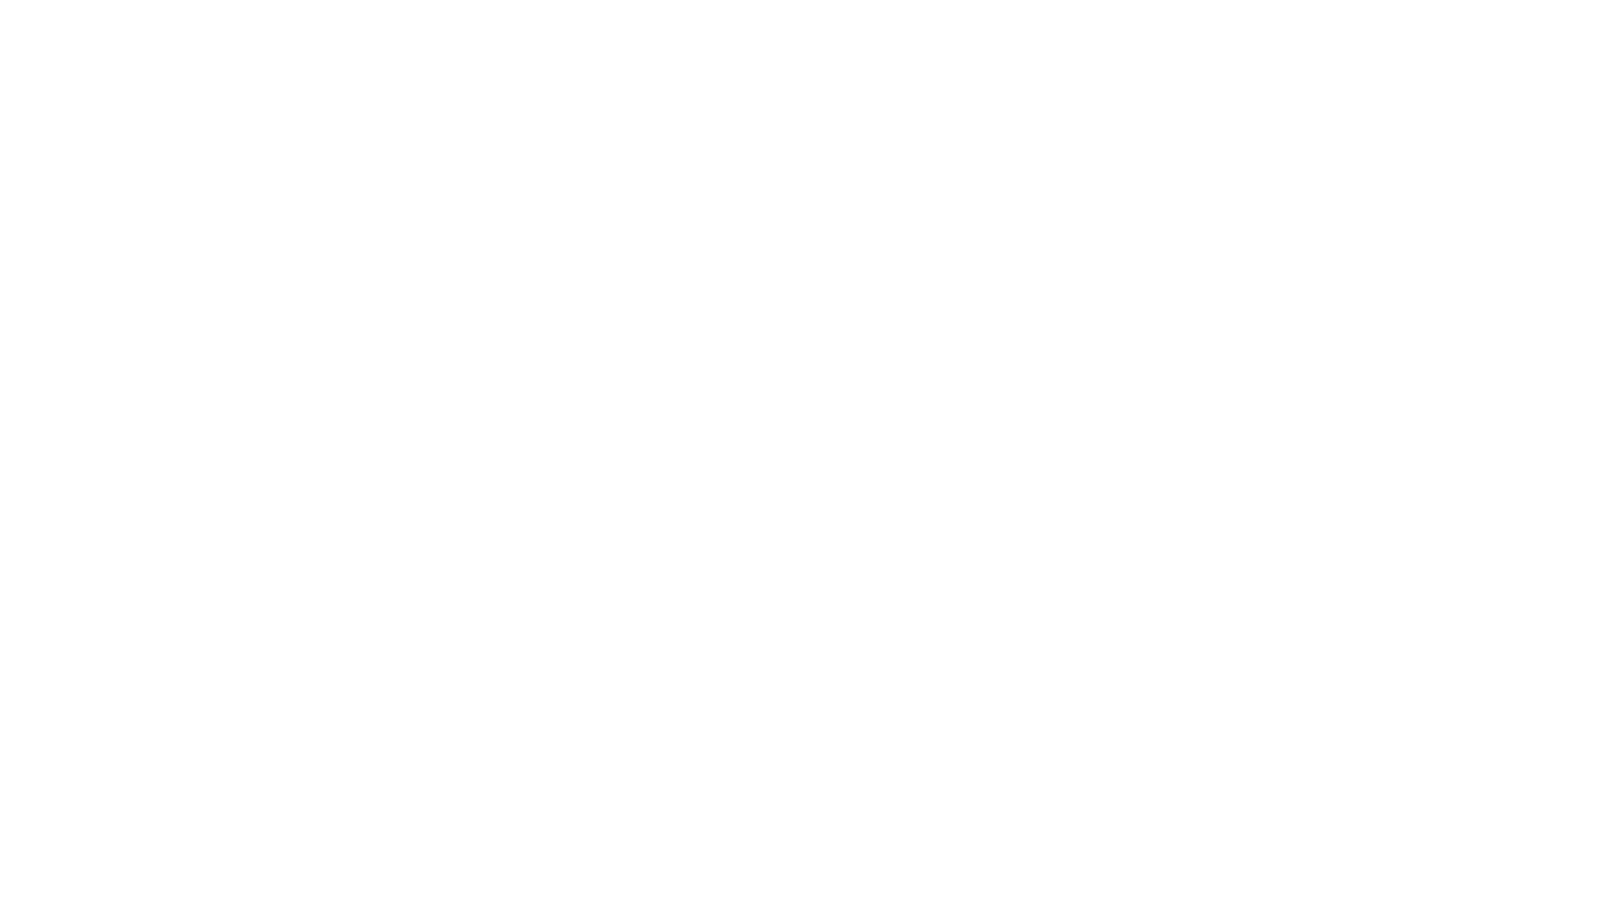 Русские руны и Зеркала Козырева - где здесь связь? А она есть!  Подробнее в видео. Зеркала Козырева: https://zerkalakozyreva.ru/ Зеркала Литвинова: https://zerkalalitvinova.ru/ Школа Русских рун: https://shkolarusskihrun.ru/  P.s. Сначала я написал статью, но потом решил выложить видео в Ютуб, потому читаю текст с листа. Не судите строго ))) #русскиеруны #зеркалакозырева #обучениерунам #руннаямагия #руны #магия #эзотерика #школарусскихрун